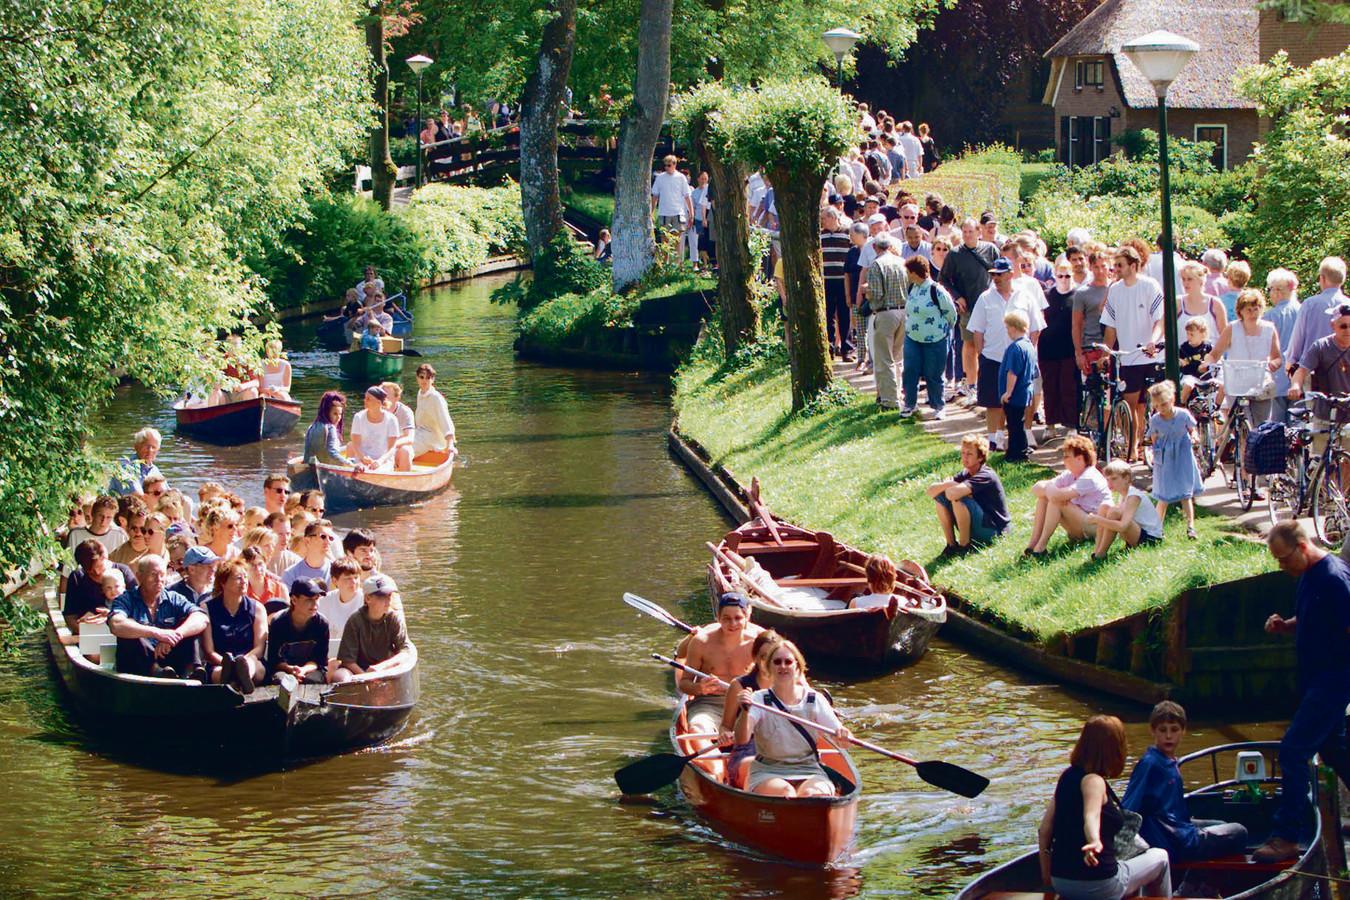 In het populaire waterdorp Giethoorn geven toeristen jaarlijks ruim 30 miljoen euro uit.